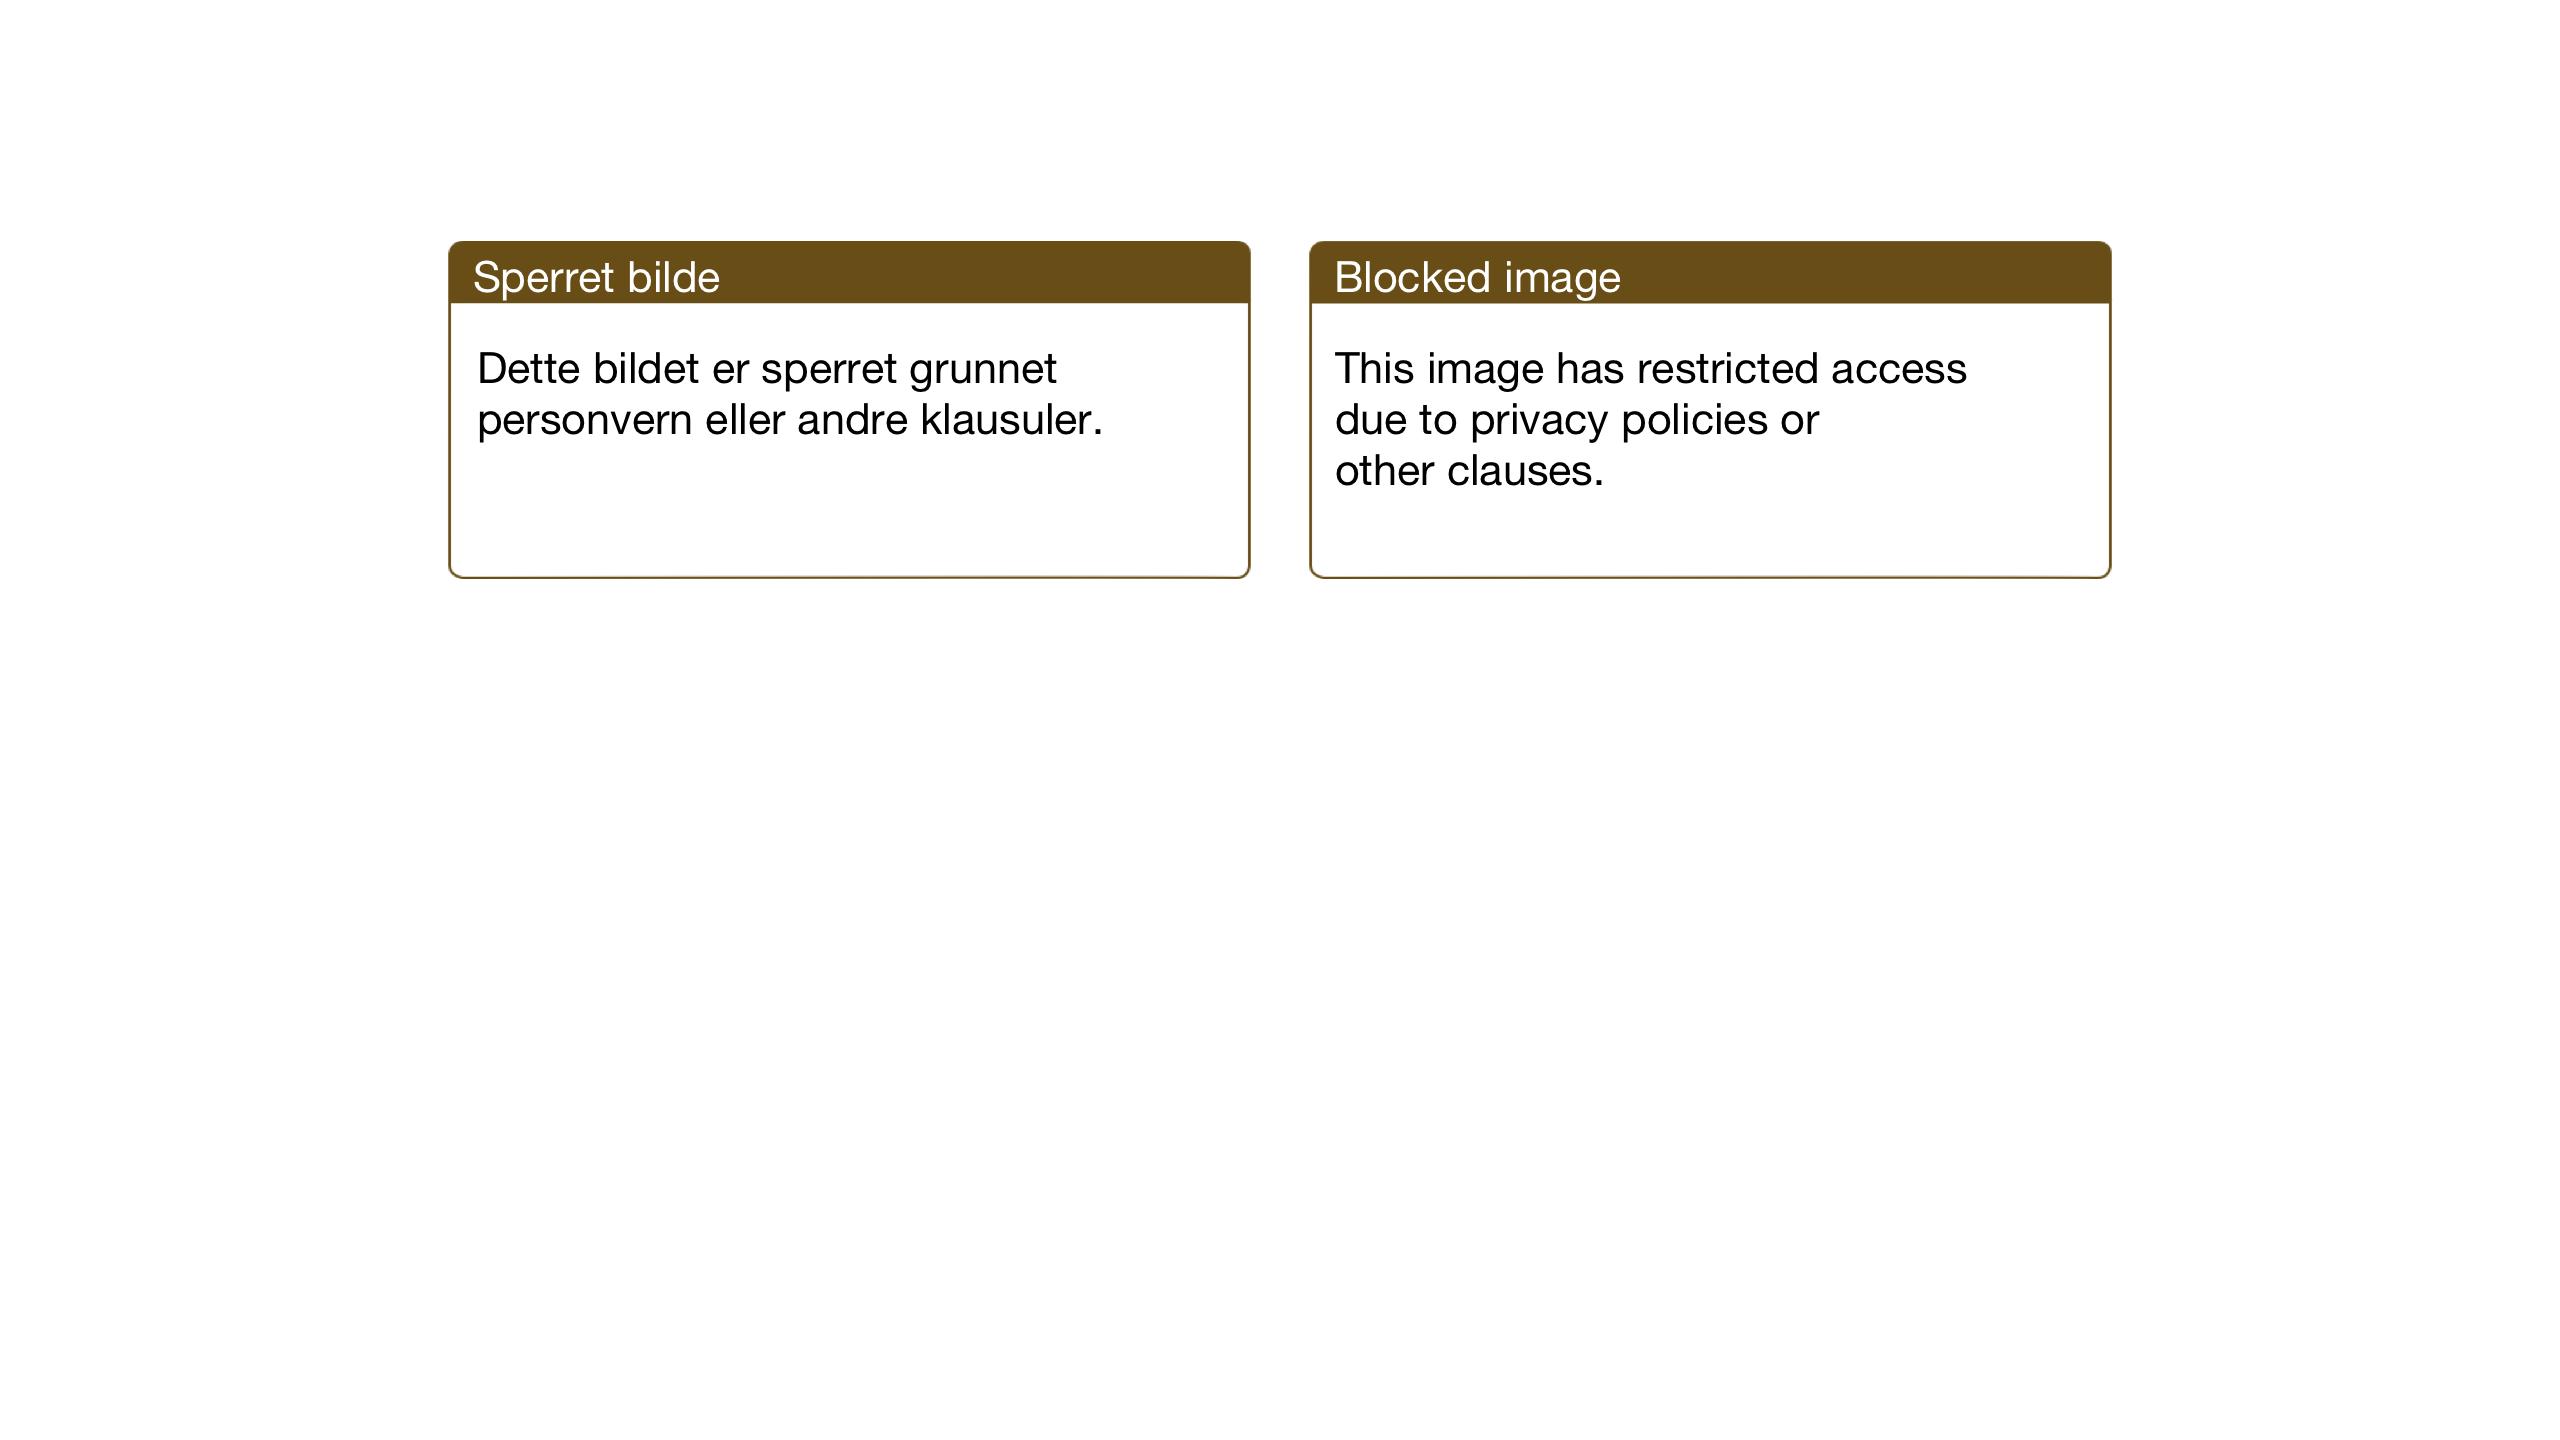 SAT, Ministerialprotokoller, klokkerbøker og fødselsregistre - Sør-Trøndelag, 686/L0986: Klokkerbok nr. 686C02, 1933-1950, s. 197